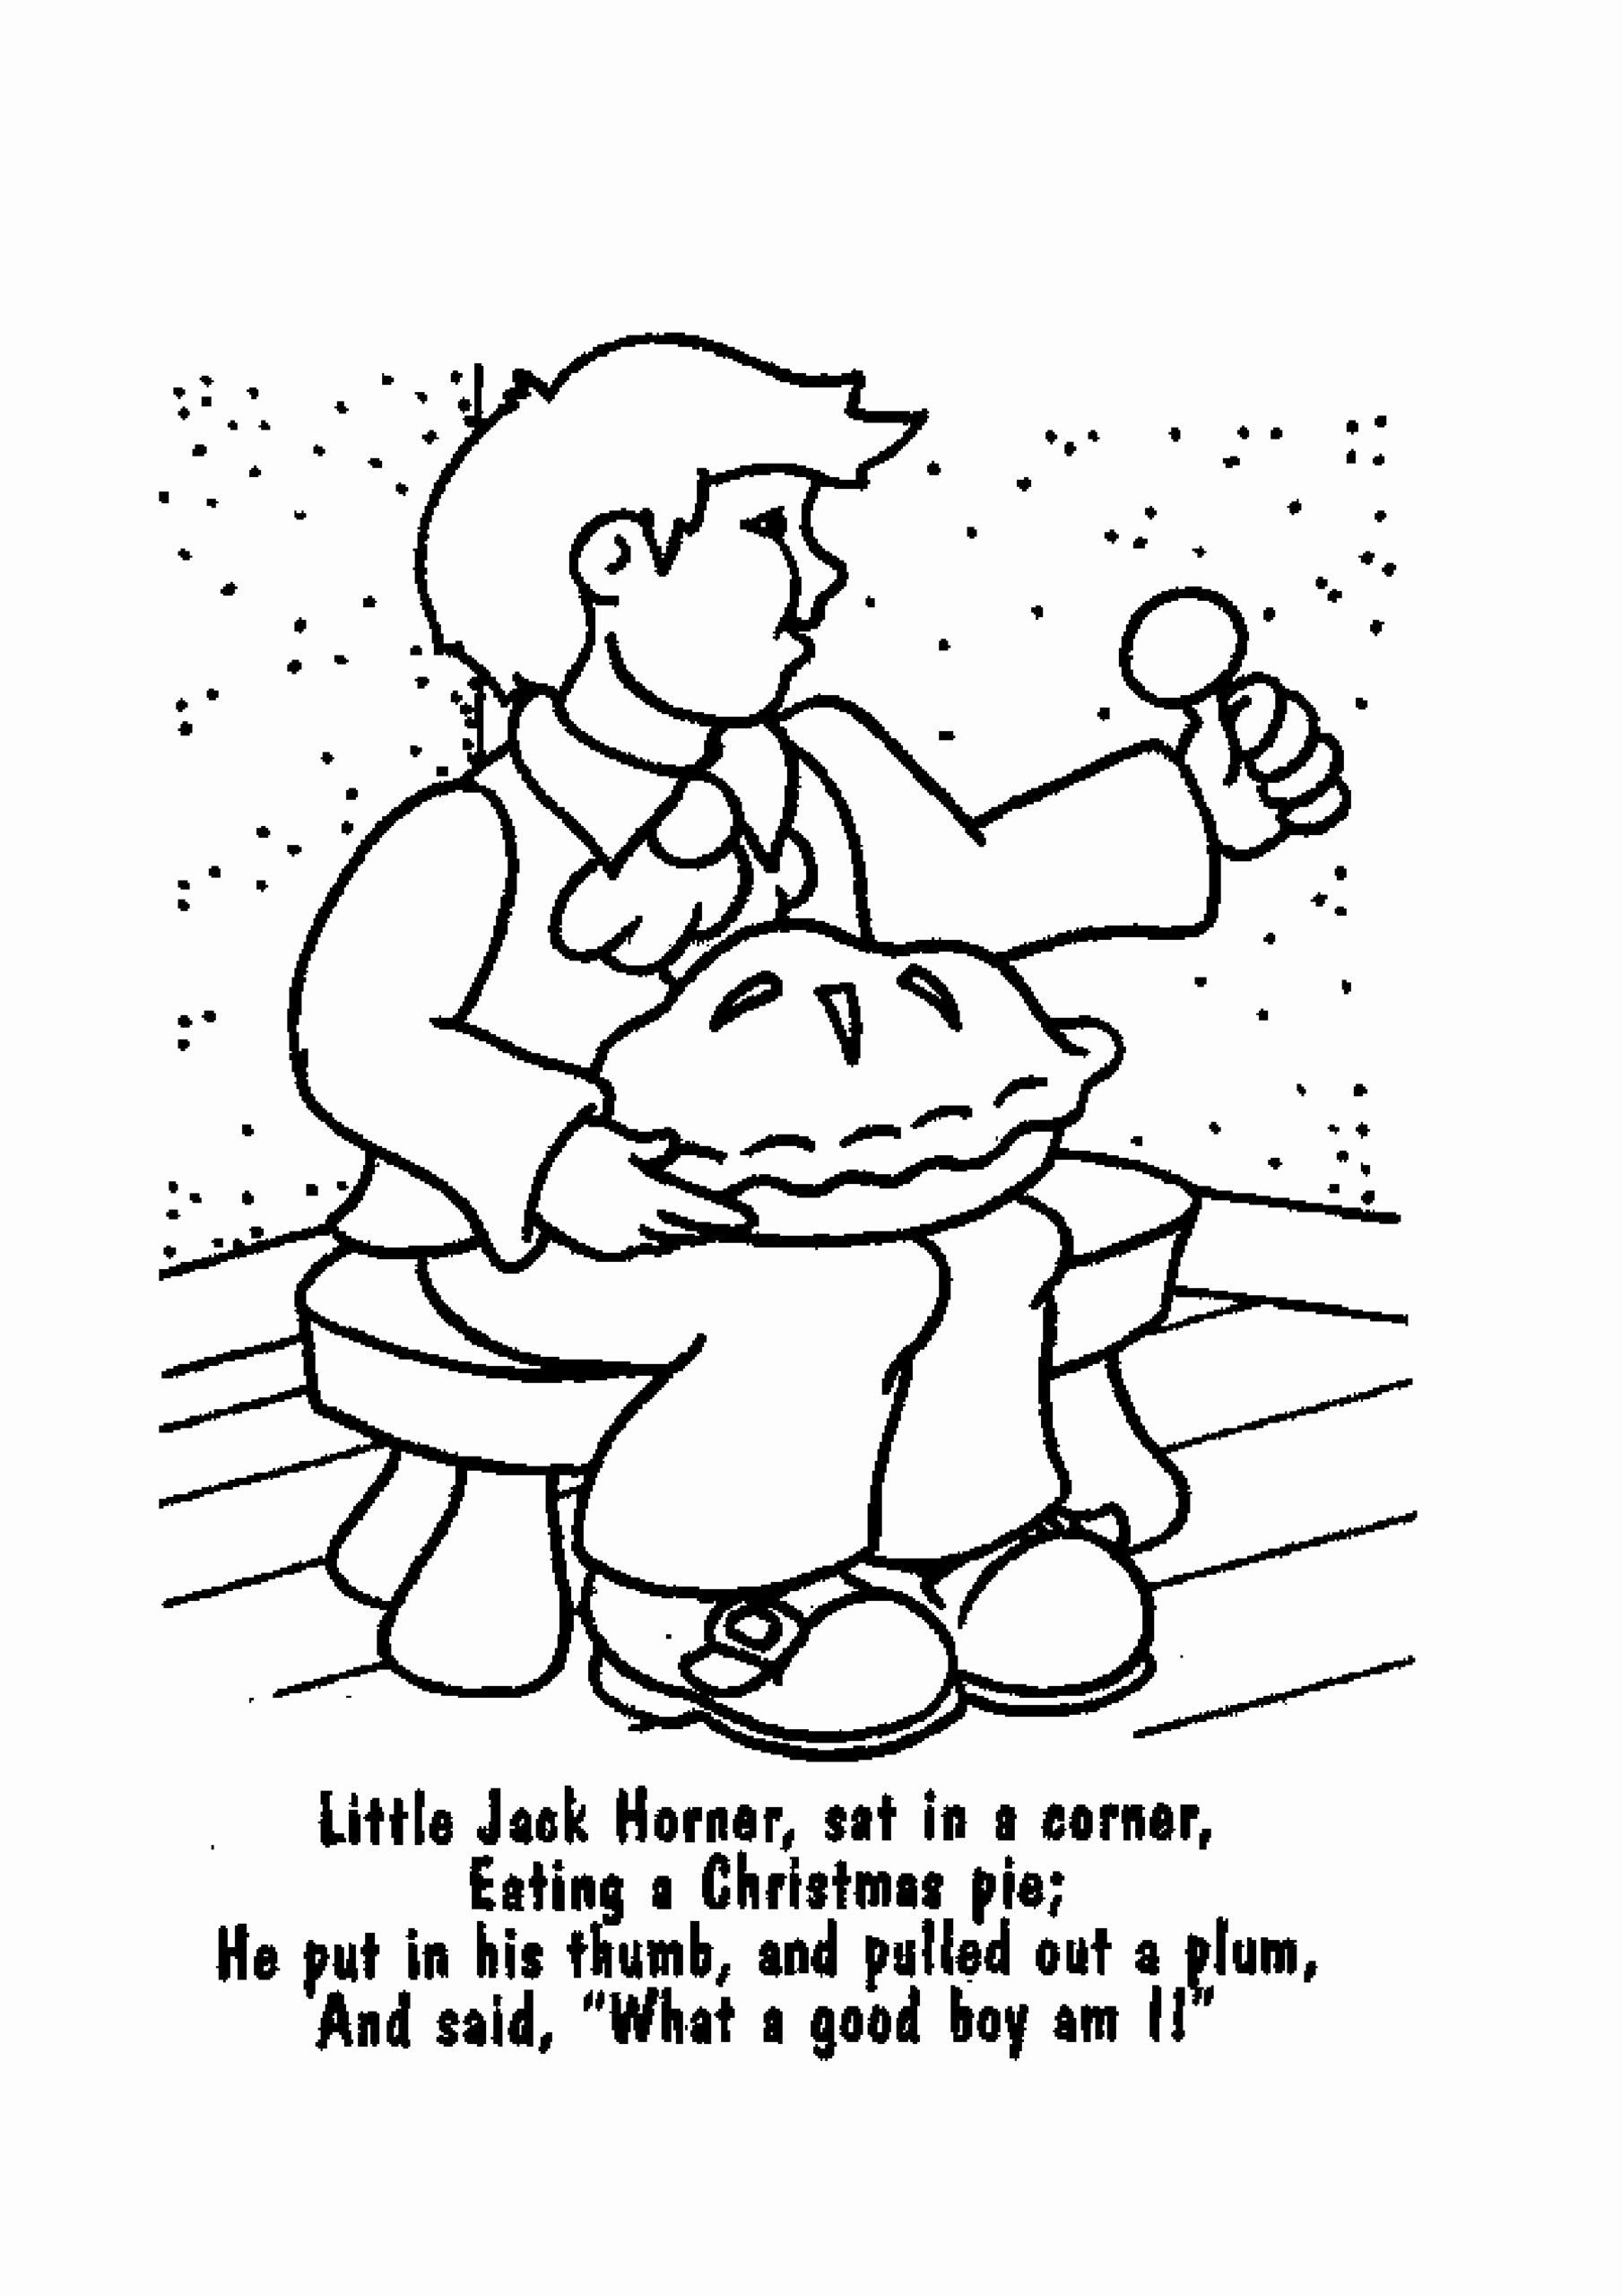 Free Nursery Rhymes Worksheets for Preschoolers New Nursery Rhymes Coloring Printable Free – Kingandsullivan